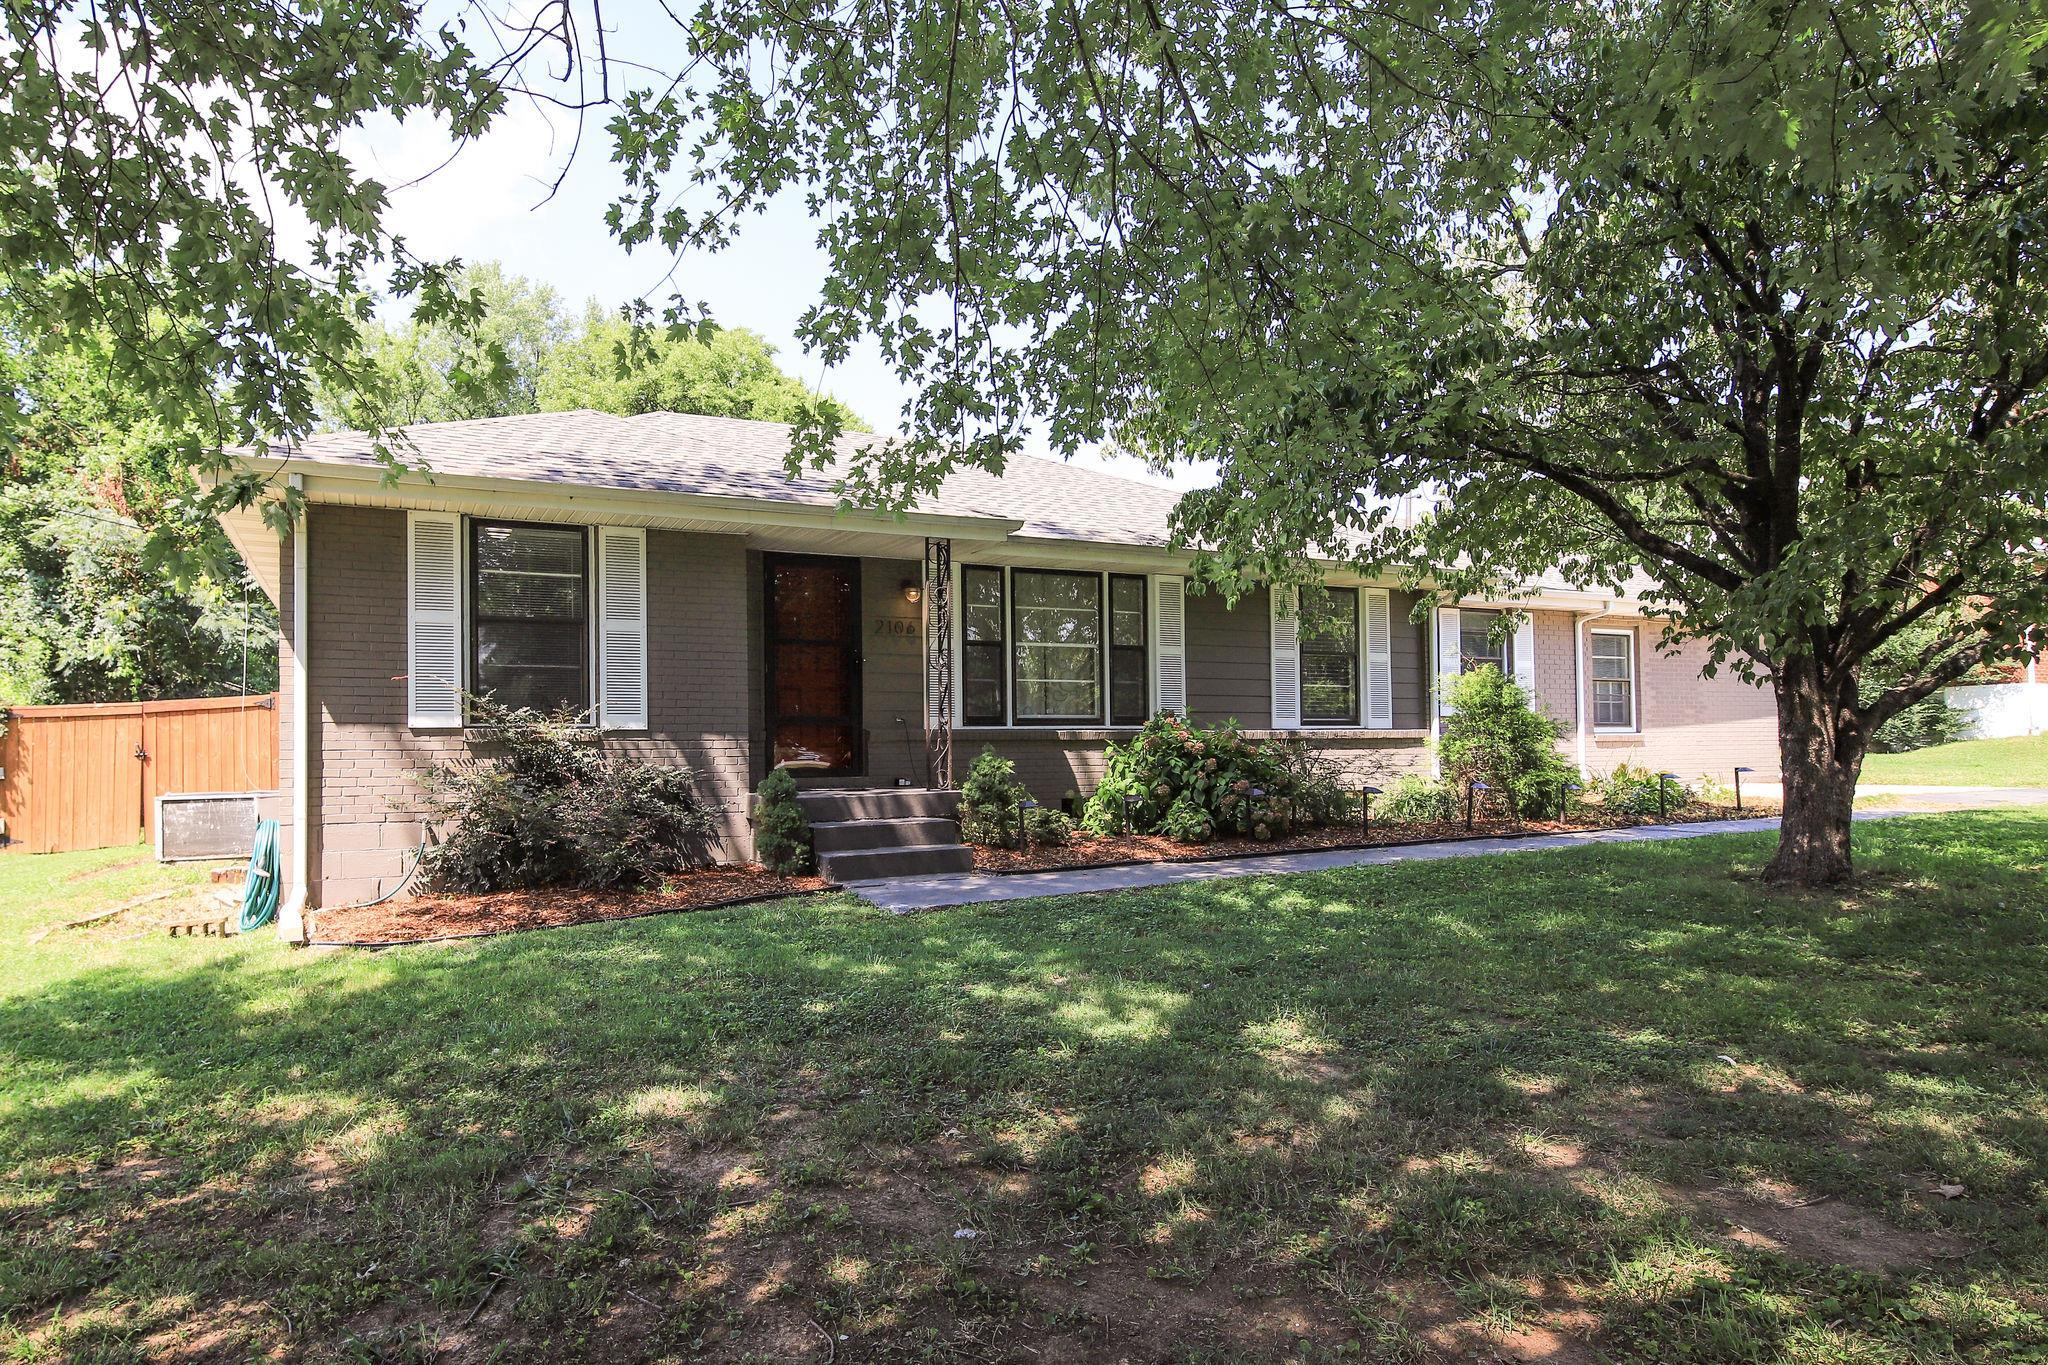 2106 Crystal Dr, Nashville, TN 37210 - Nashville, TN real estate listing